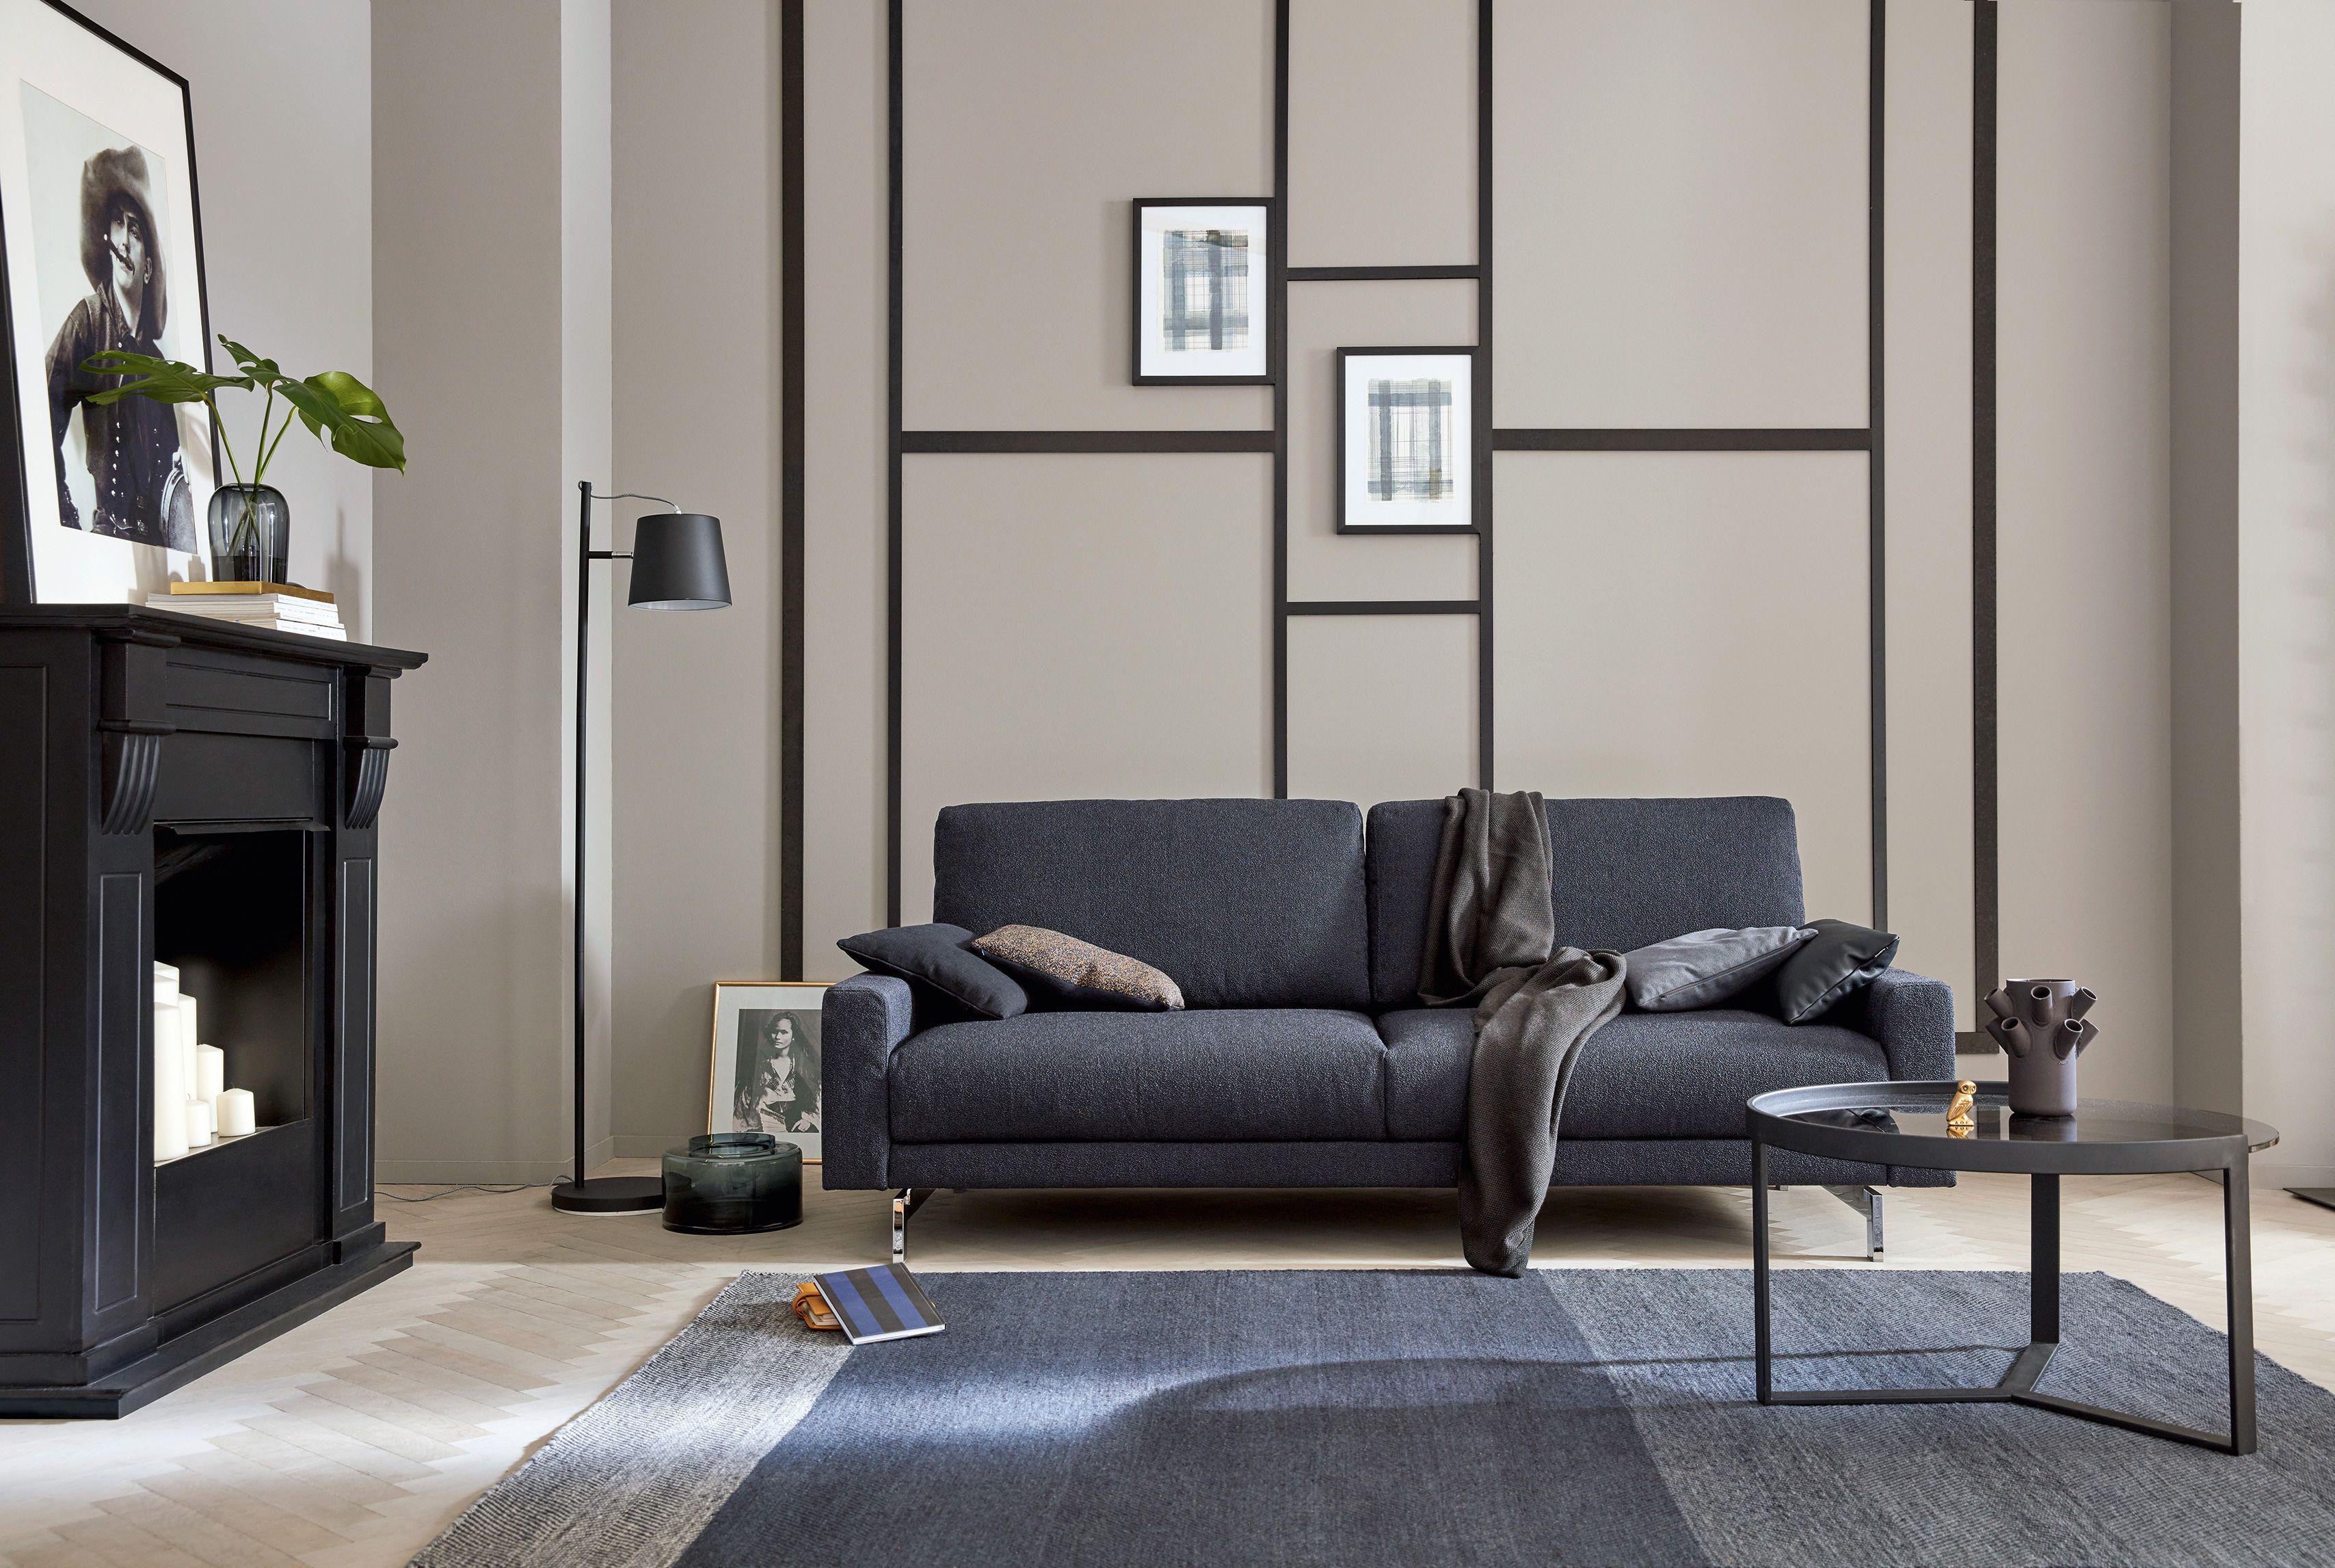 Hülsta Sofa Hs.450 Individuelles Sofa Programm Zur Konfiguration /  Seitenteil Schmal Niedrig / Stoff